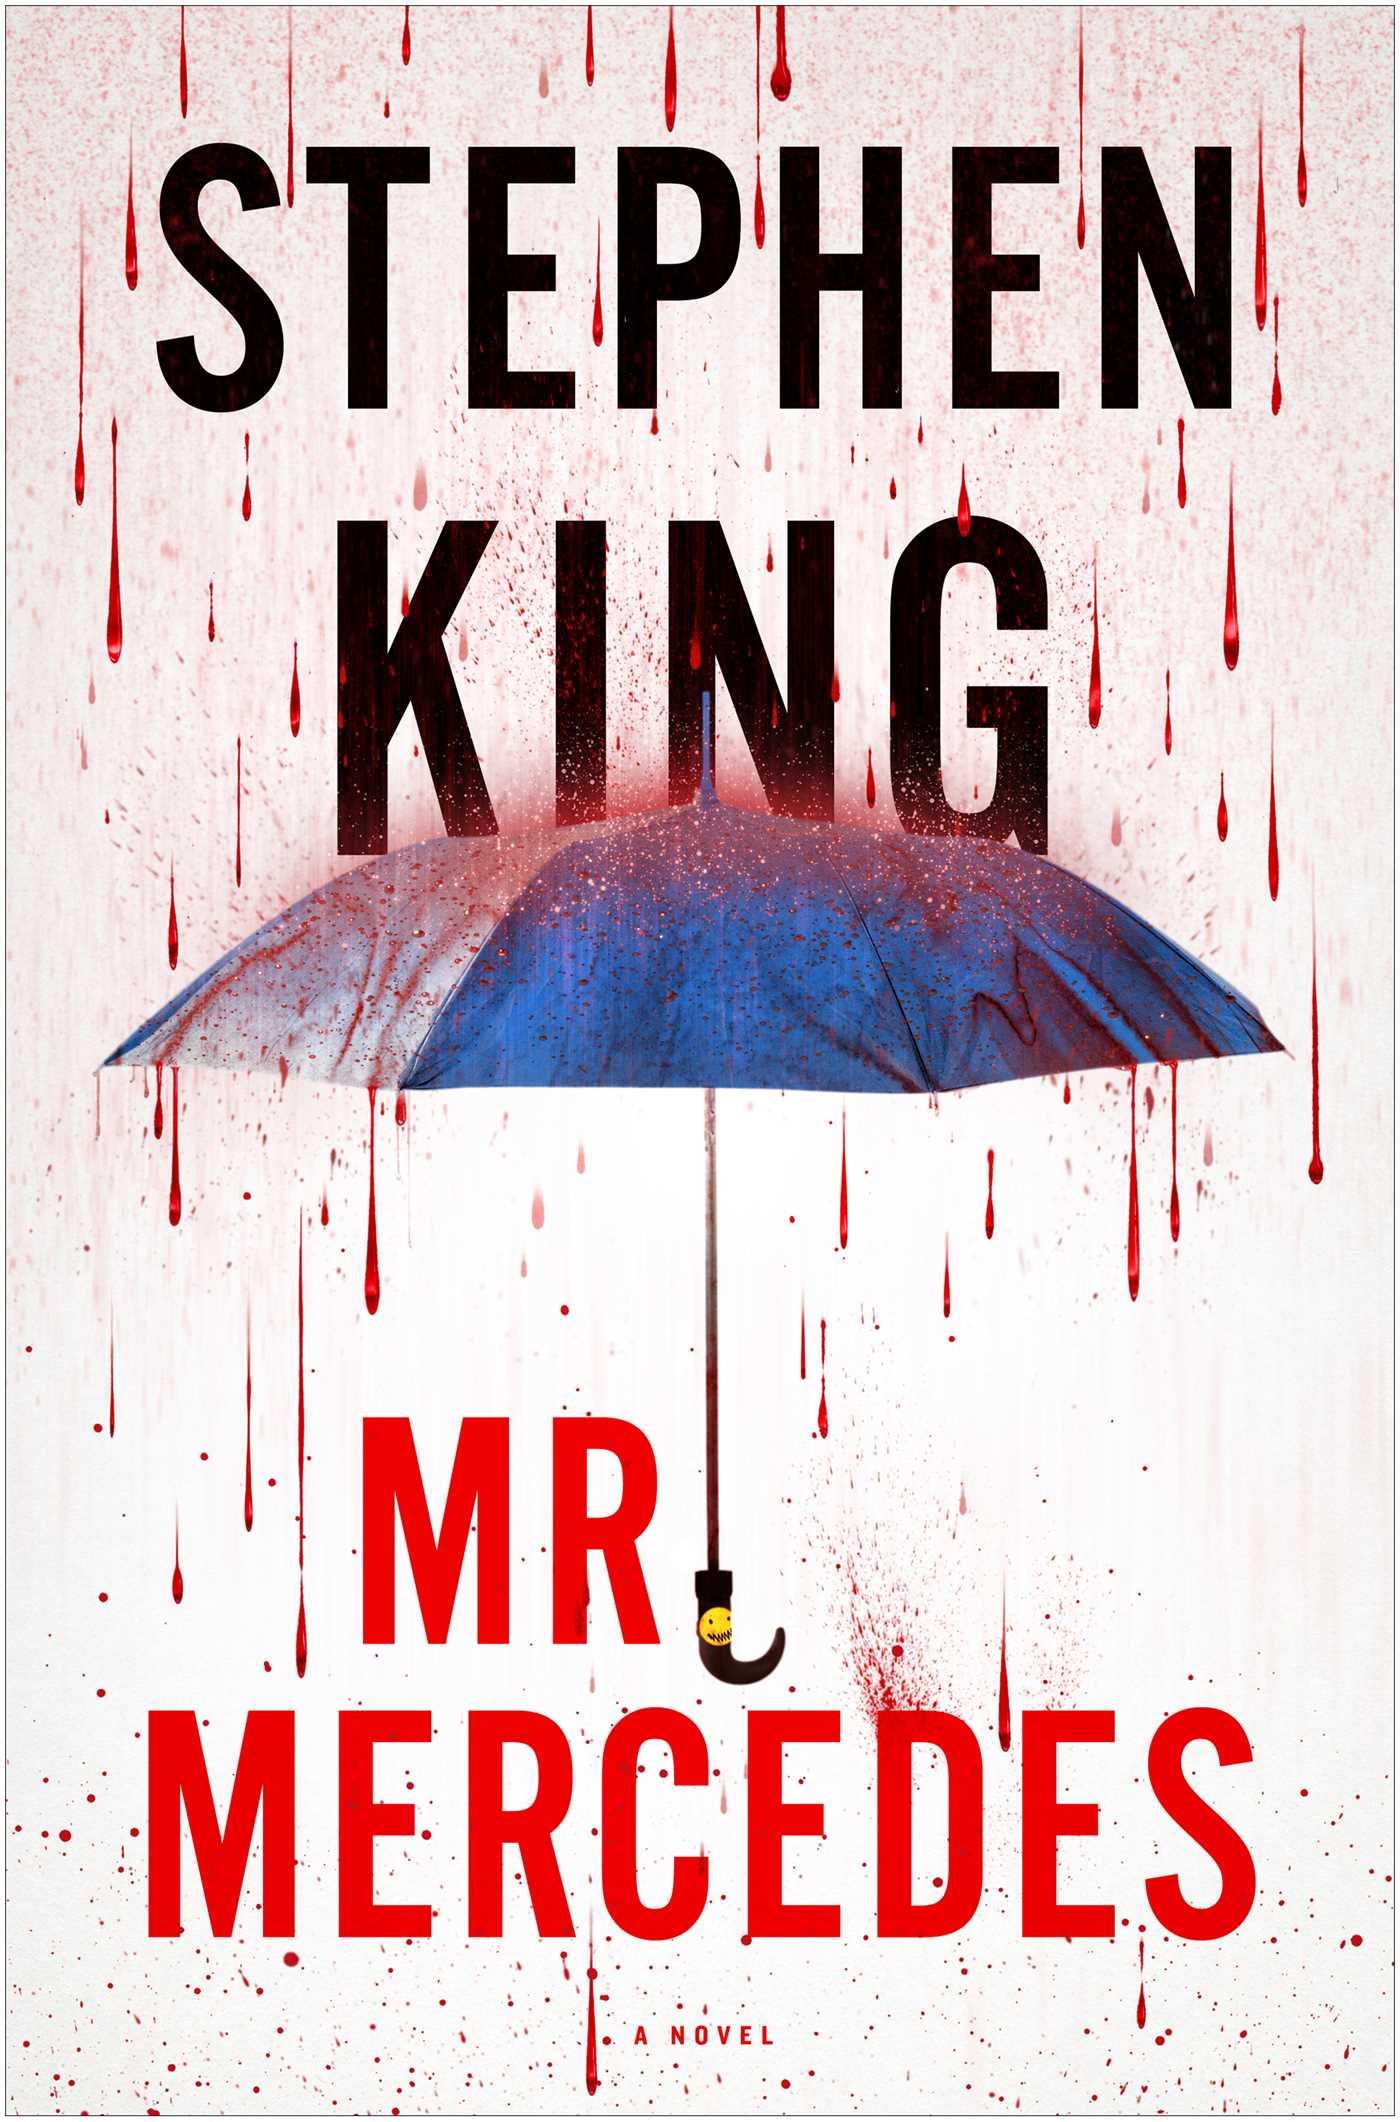 Mr mercedes 9781476754451 hr